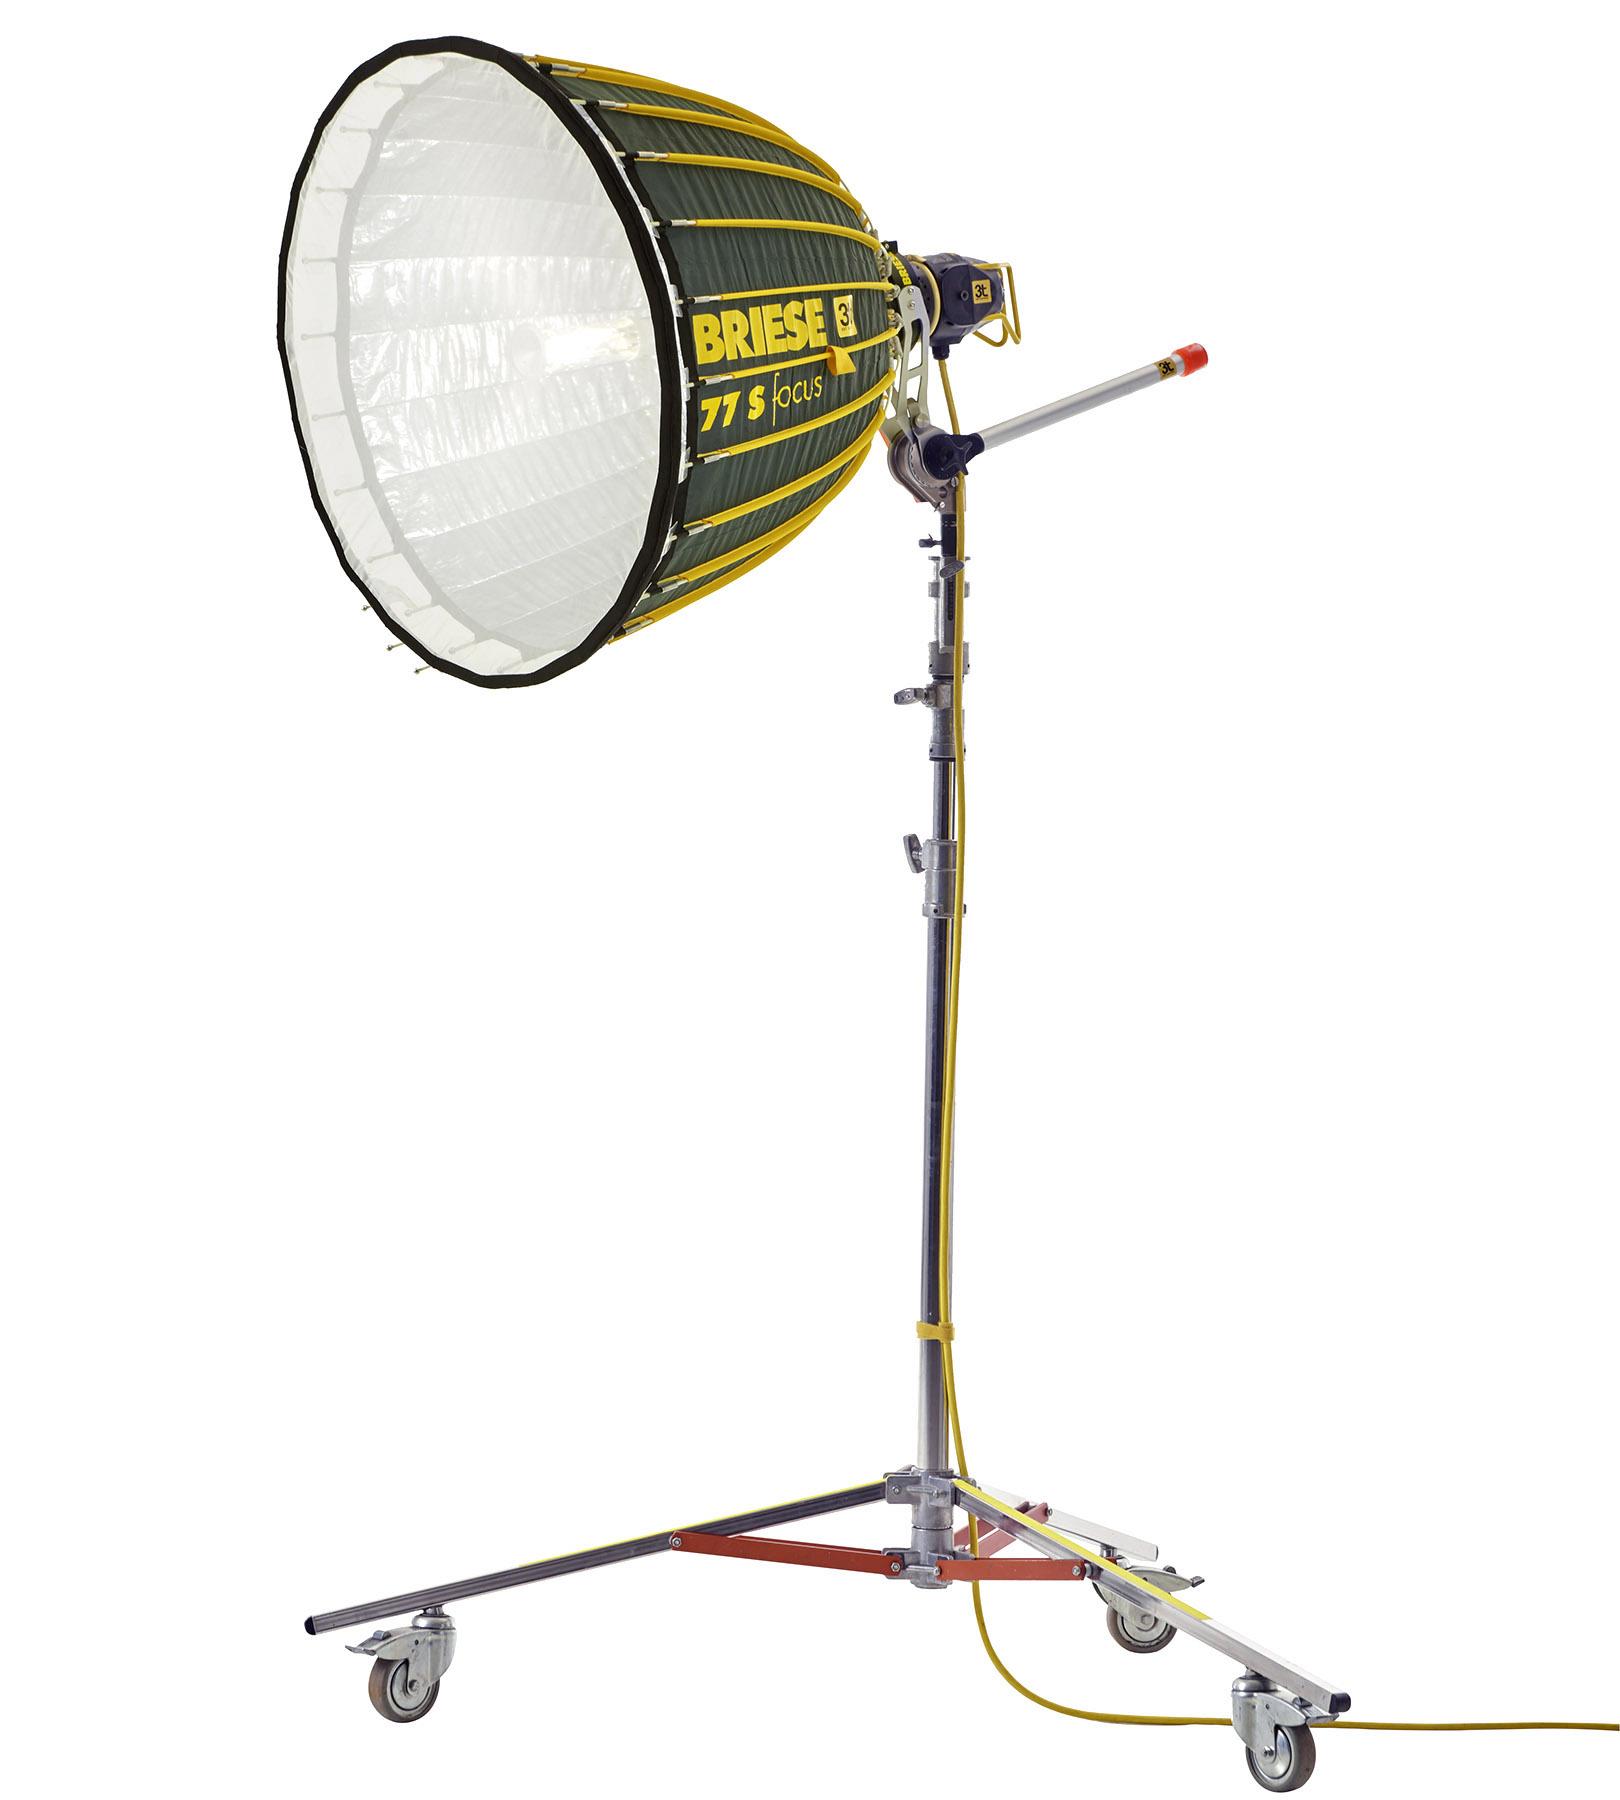 Briese Focus 77 Flash (77cm) adaptado para Profoto